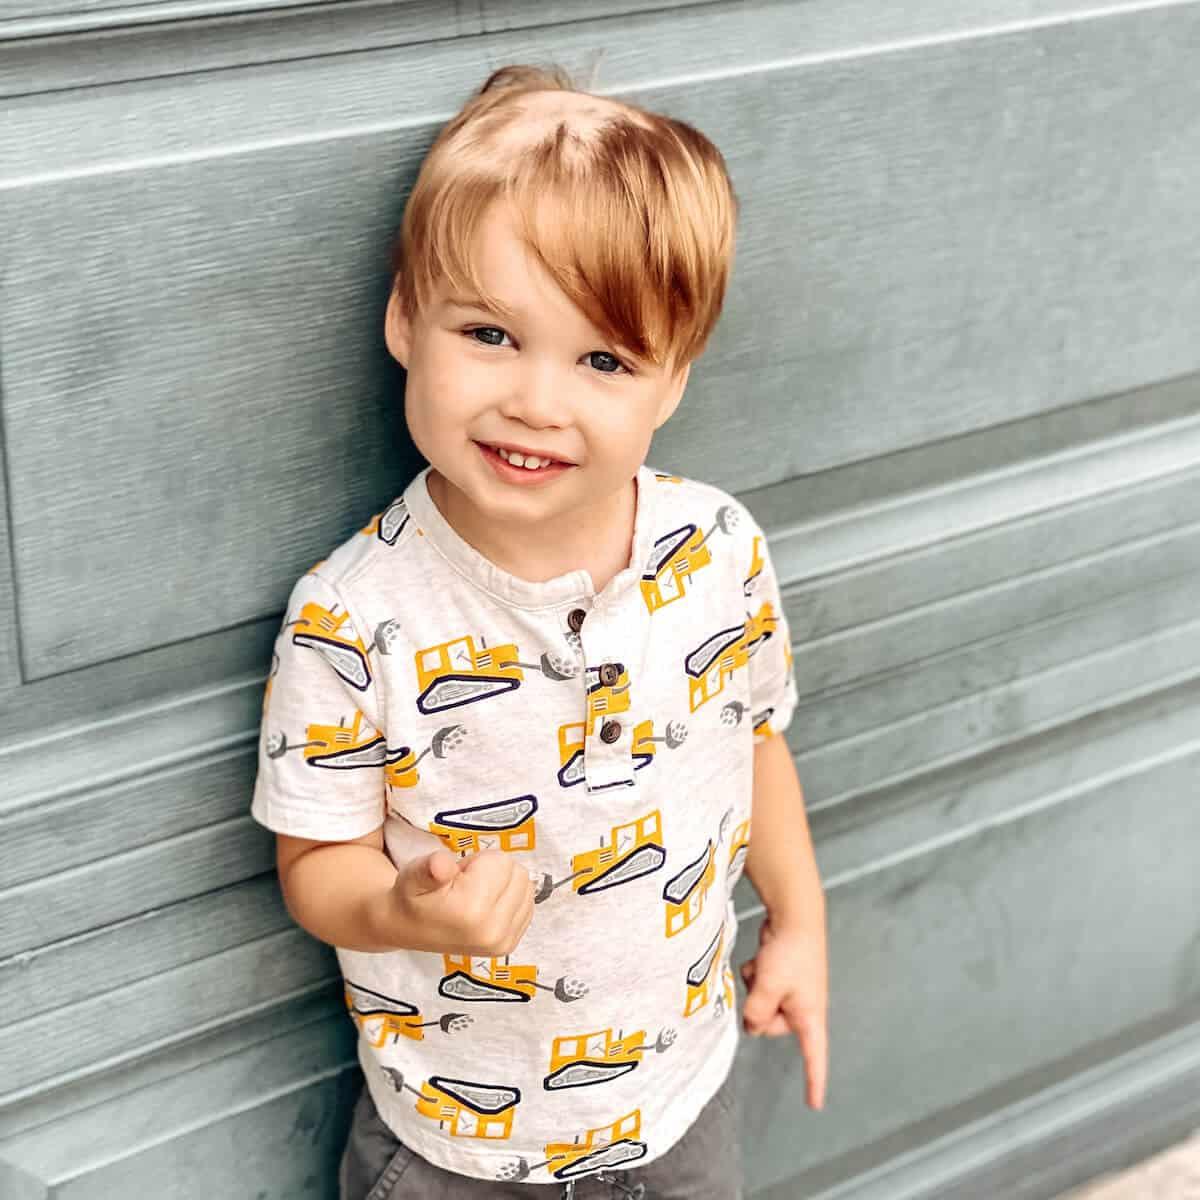 Spear's Epic Hair Saga: When My Toddler Cut His Own Hair